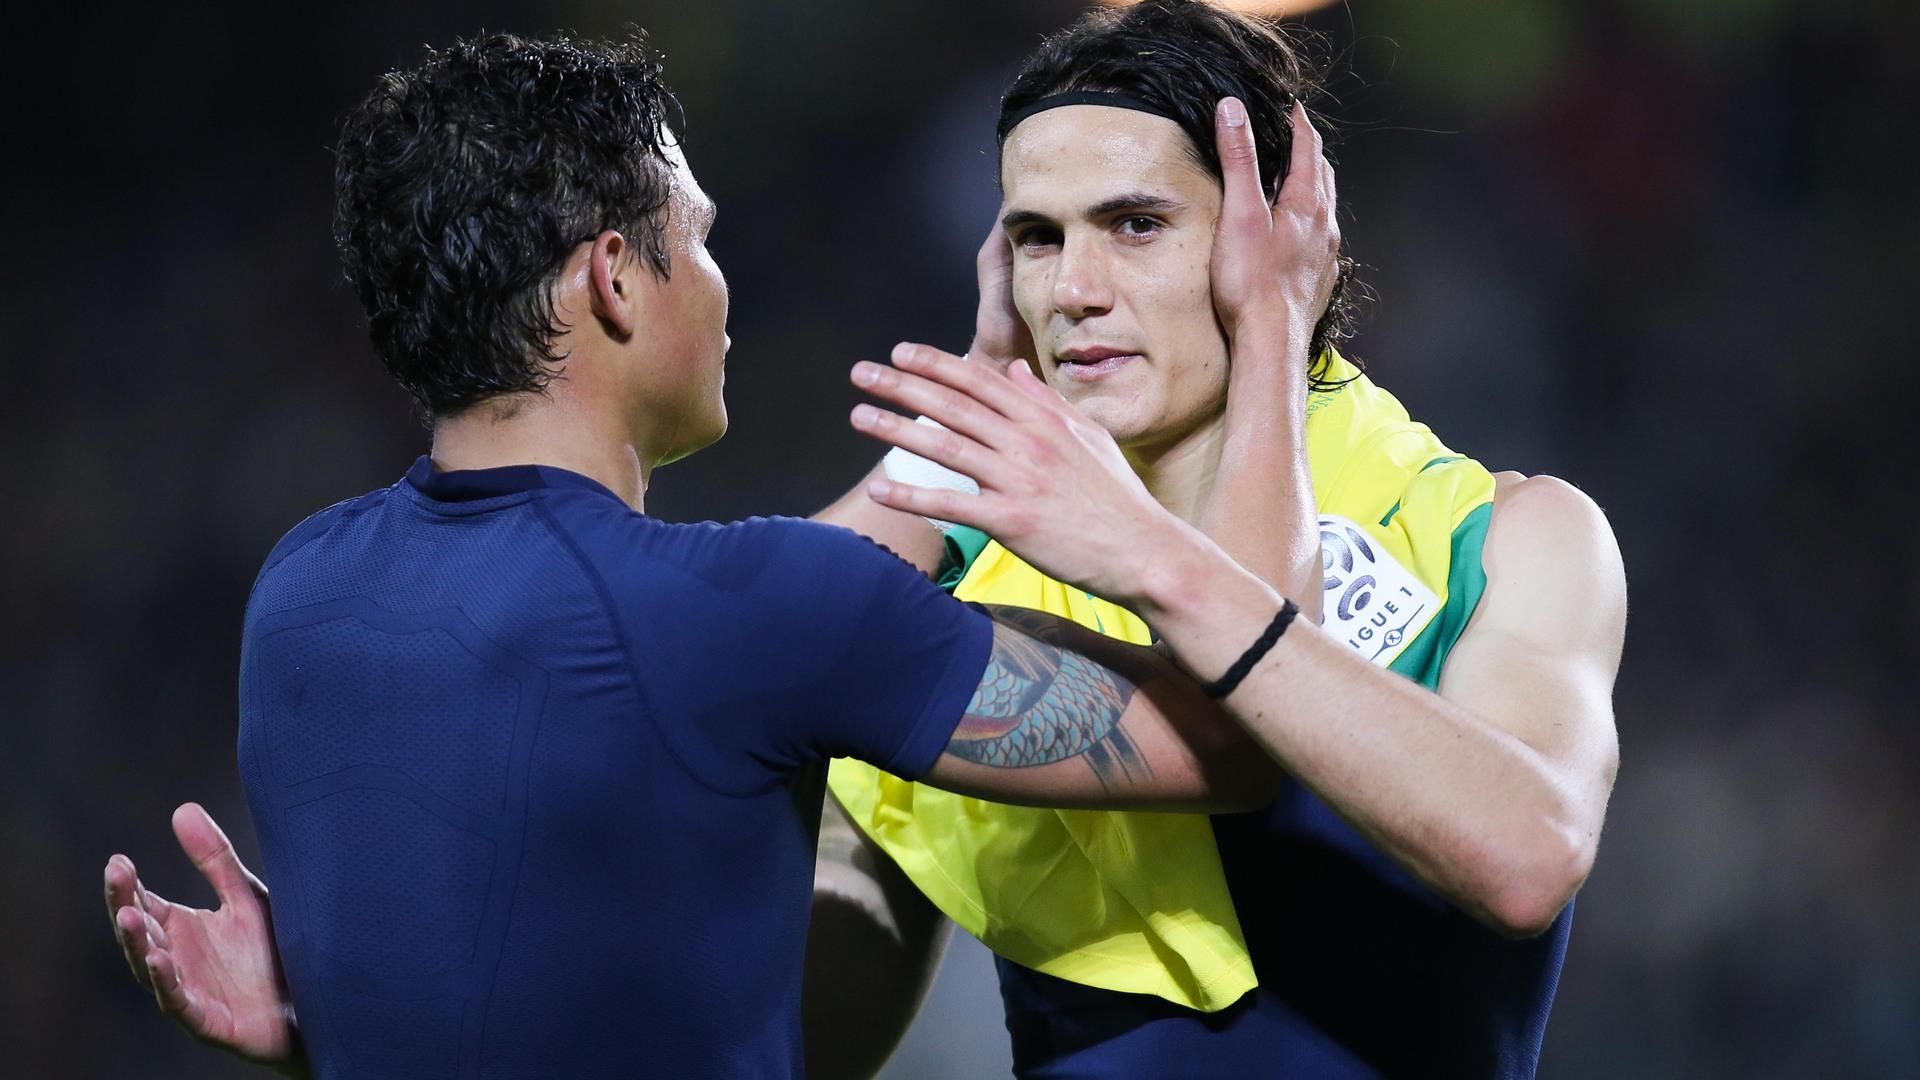 Silva : Cavani «on espère qu'il reviendra la saison prochaine avec la même envie, pour marquer toujours plus»